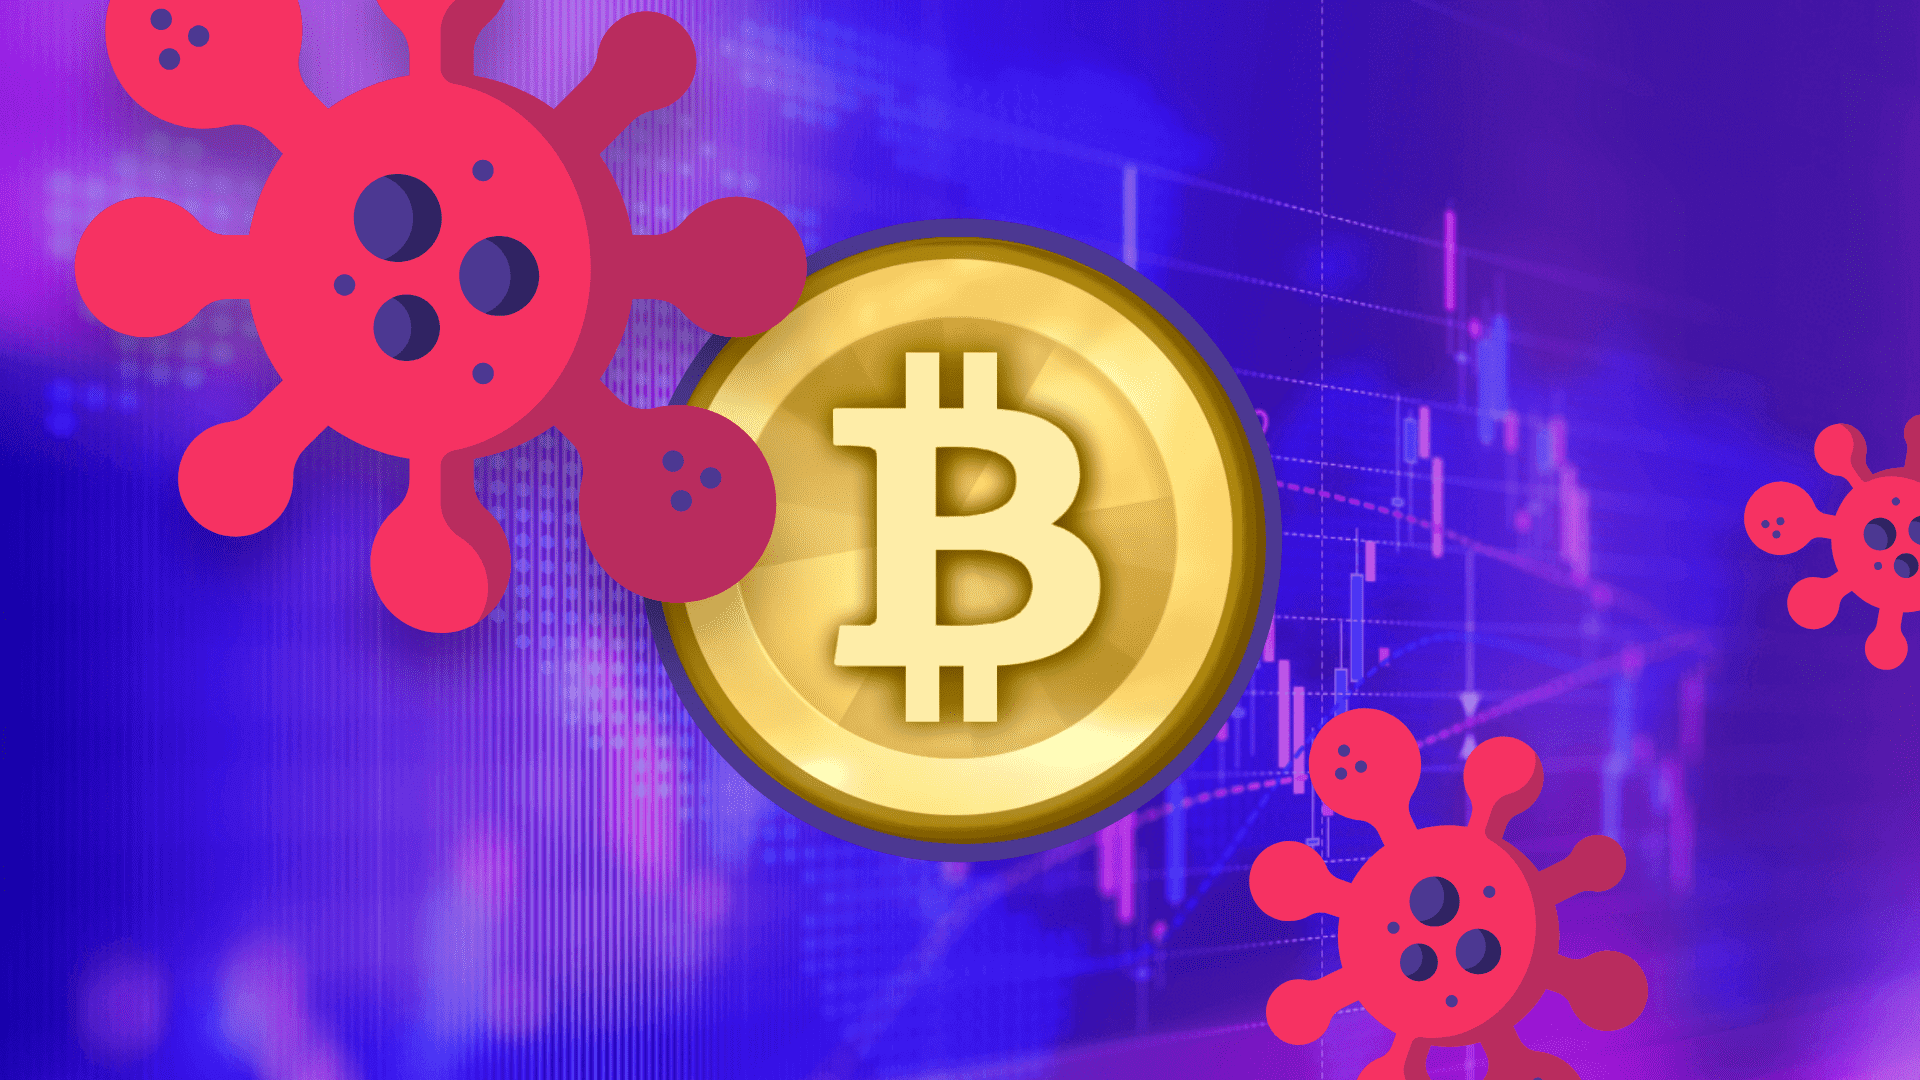 Coronavirus influence on bitcoin